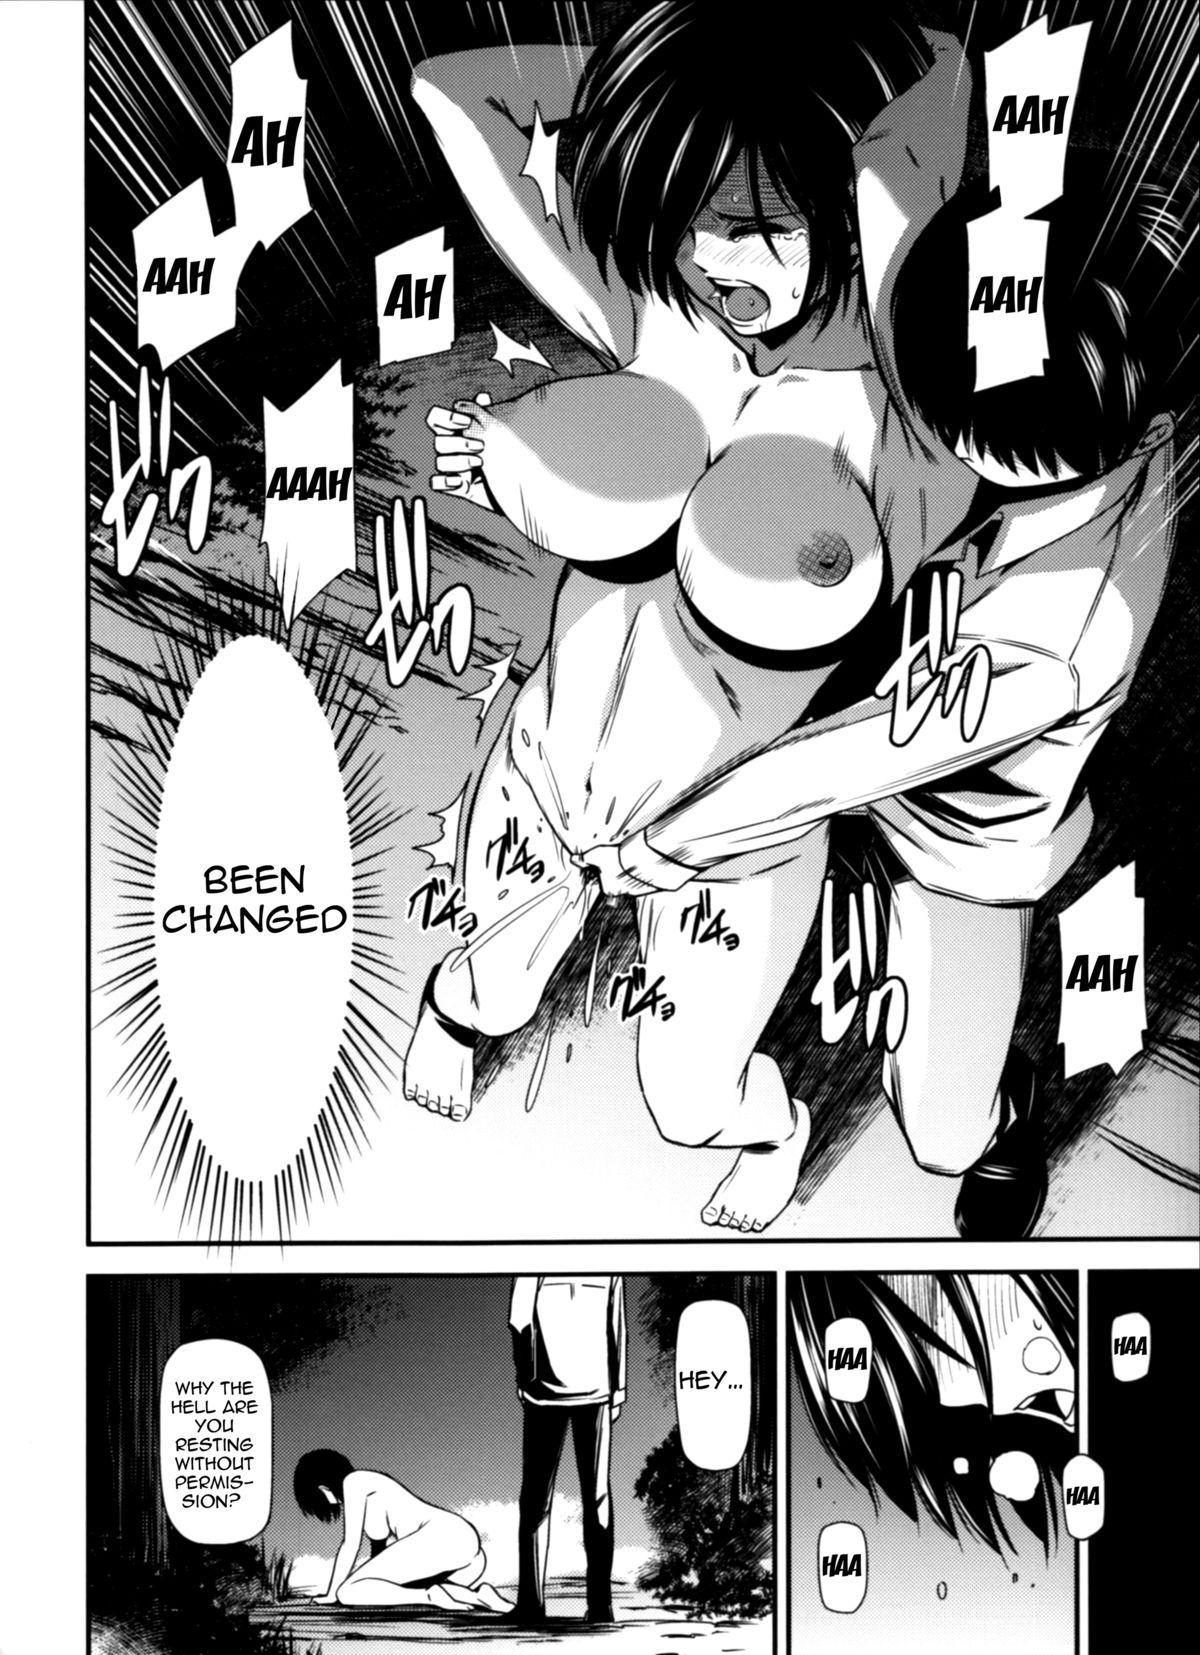 Gekishin Yon | Firing Pin 4 16